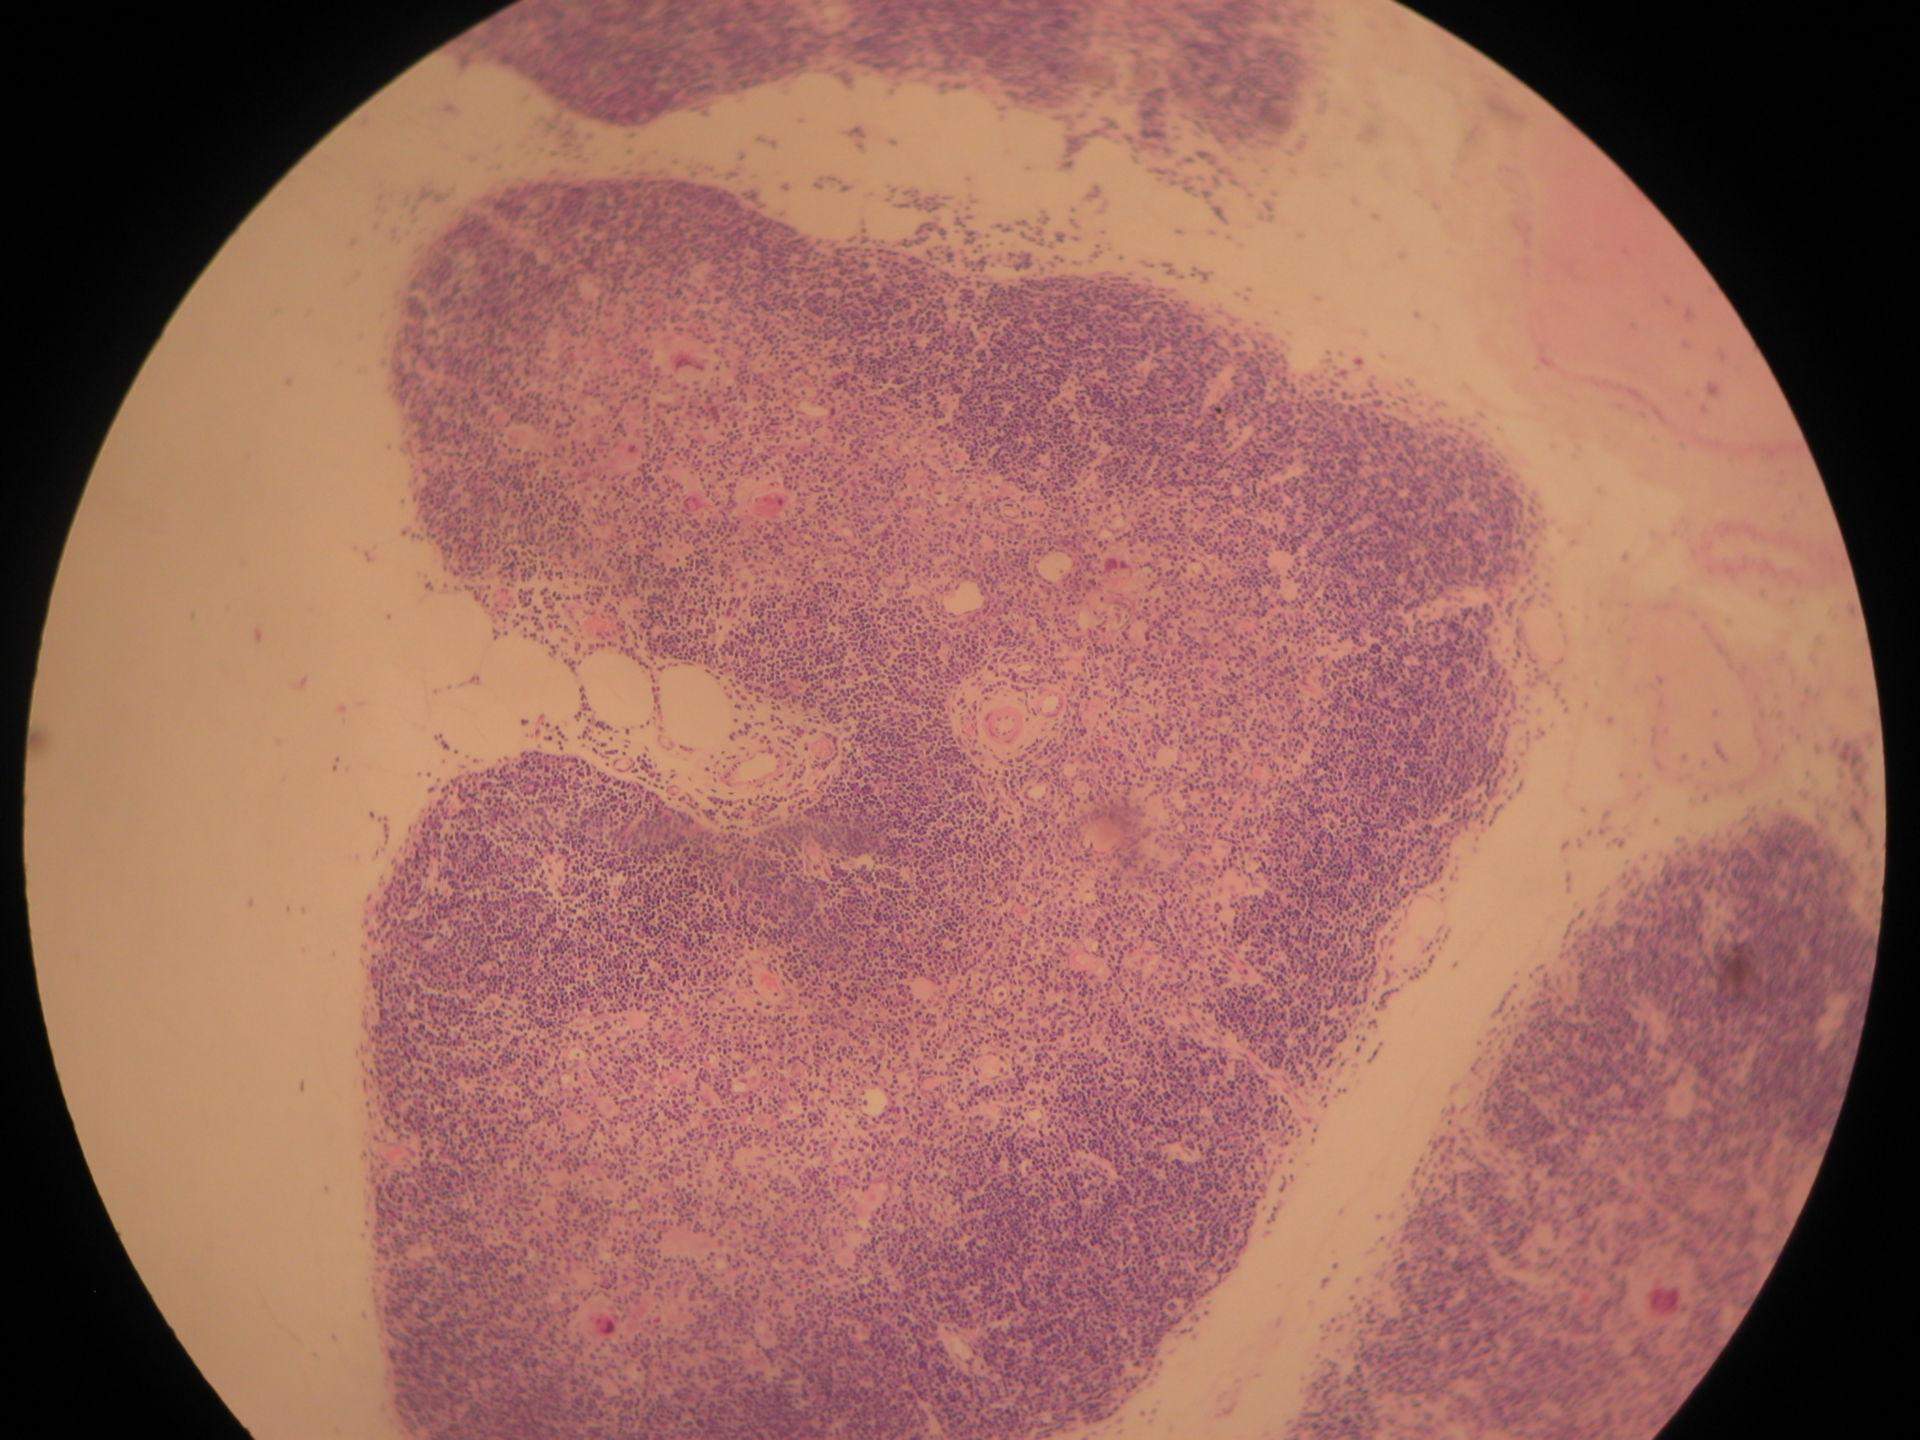 Thymus gland of a sheep 4 - lobule